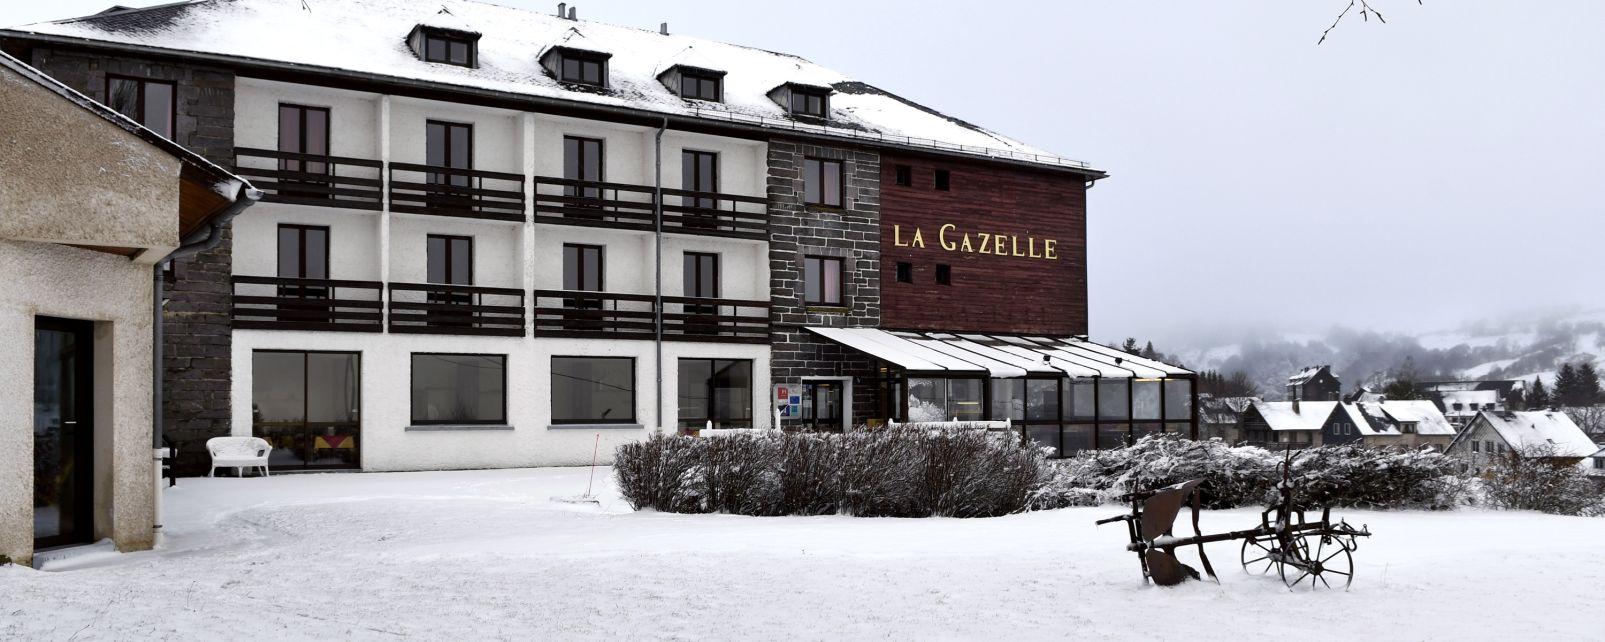 Hôtel La Gazelle